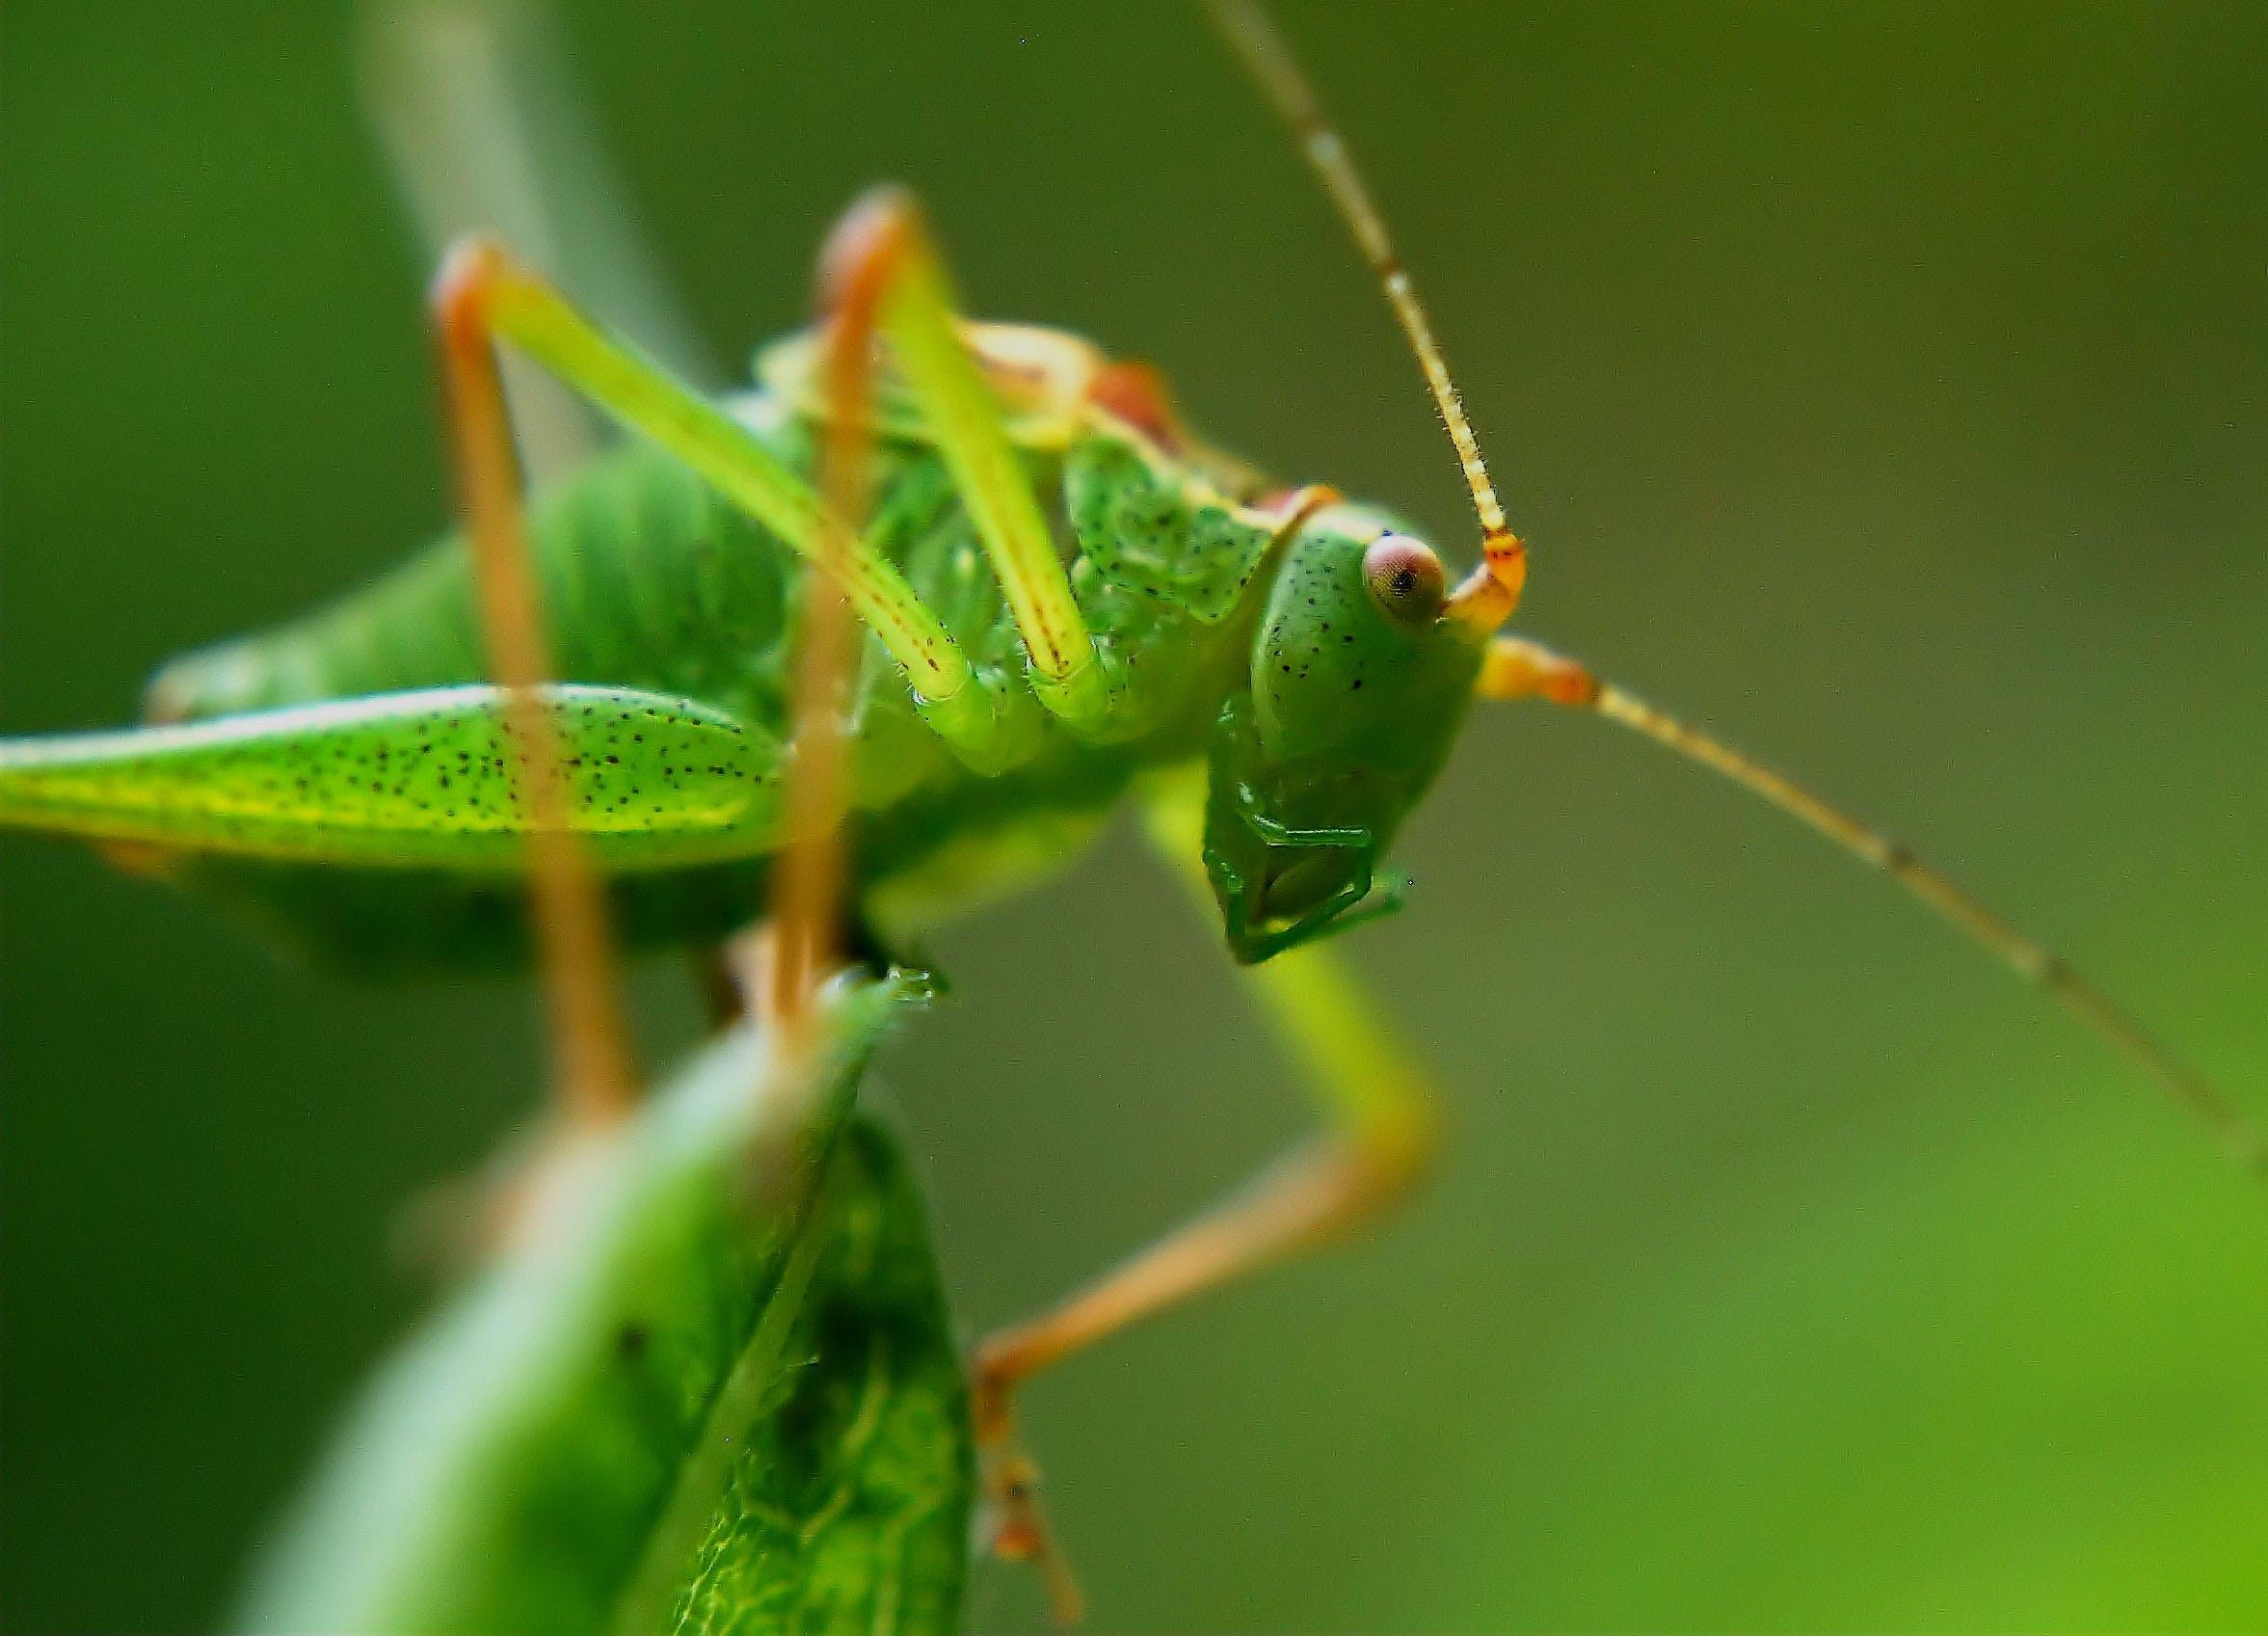 คลังภาพถ่ายฟรี ของ orthoptera, การถ่ายภาพมาโคร, สัตว์, สีเขียว